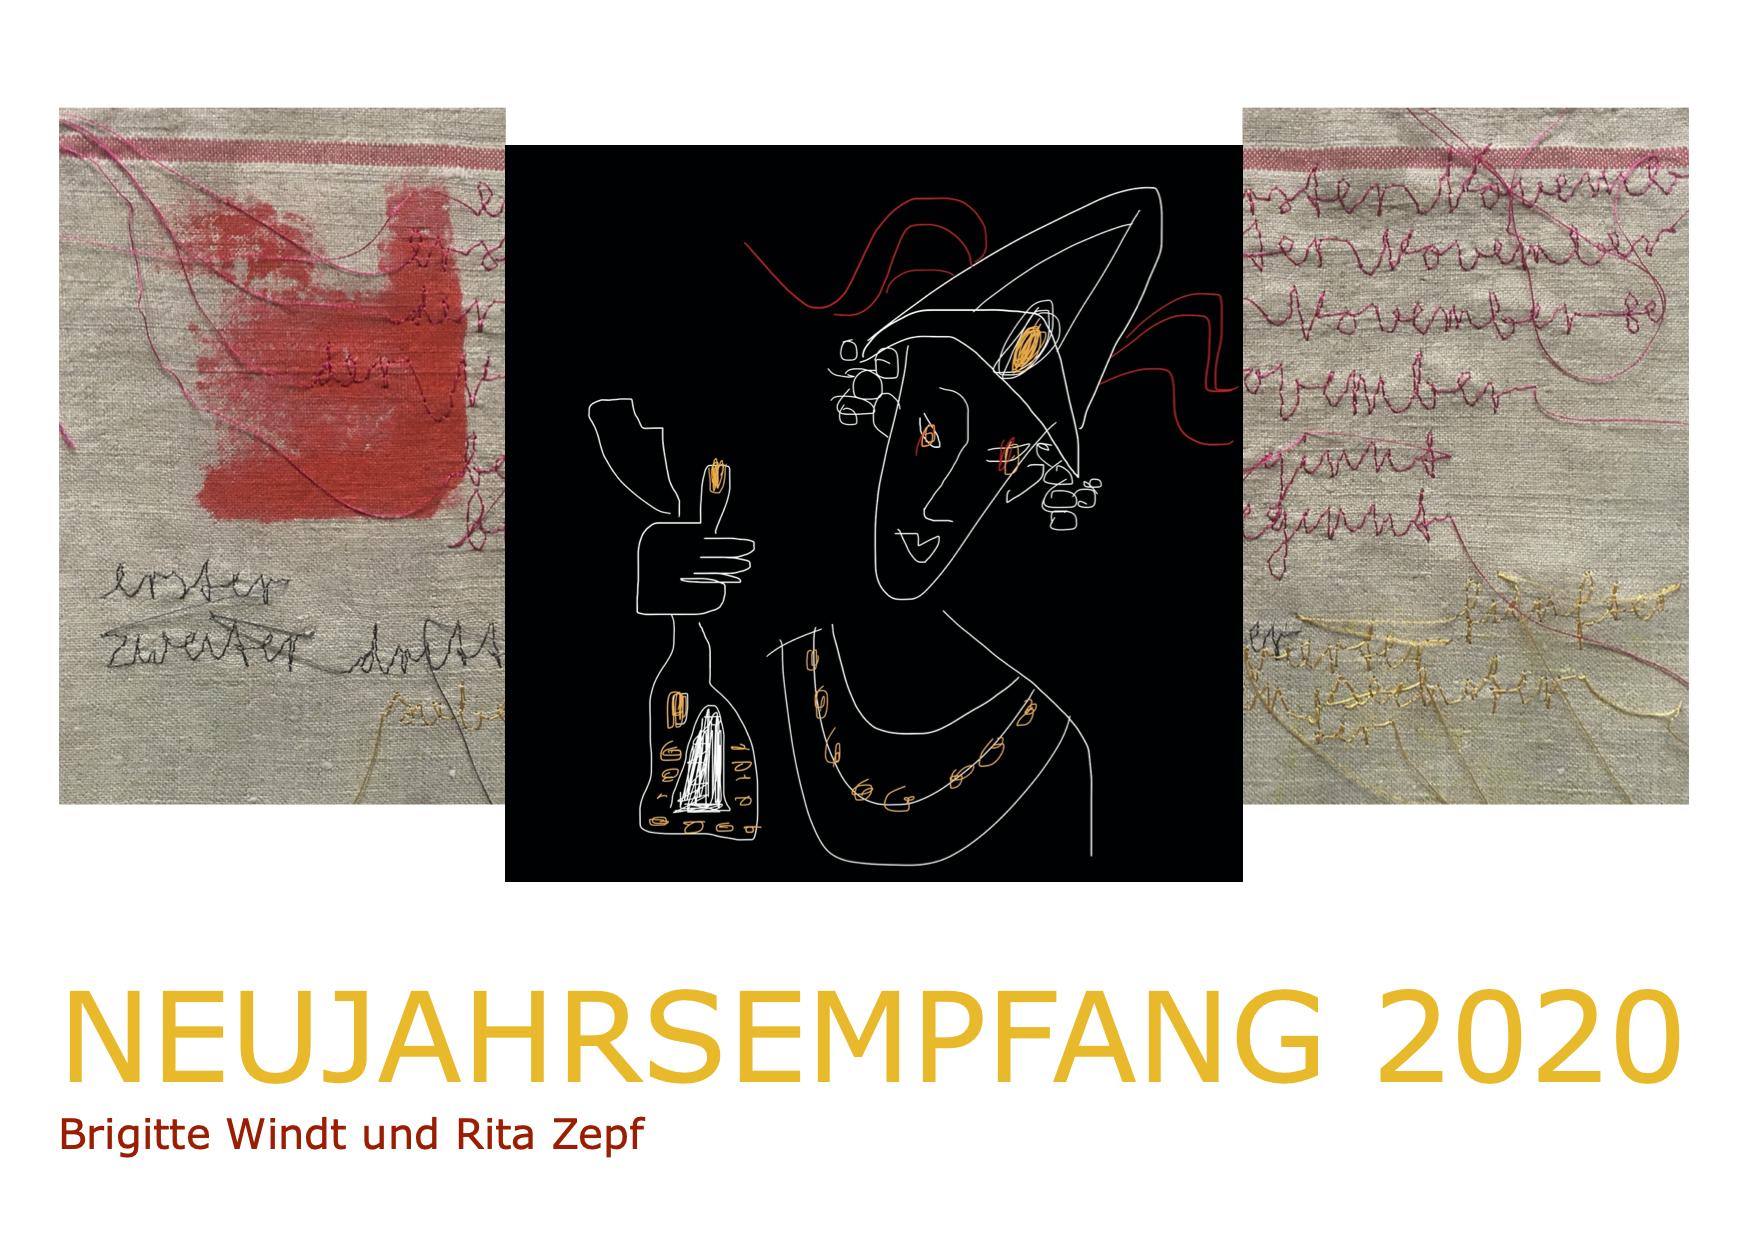 NEUJAHRSEMPFANG Brigitte Windt Texte und Illustrationen - Rita Zepf Textil Kunst - Eugen Braun Klavier - Berlin 2019